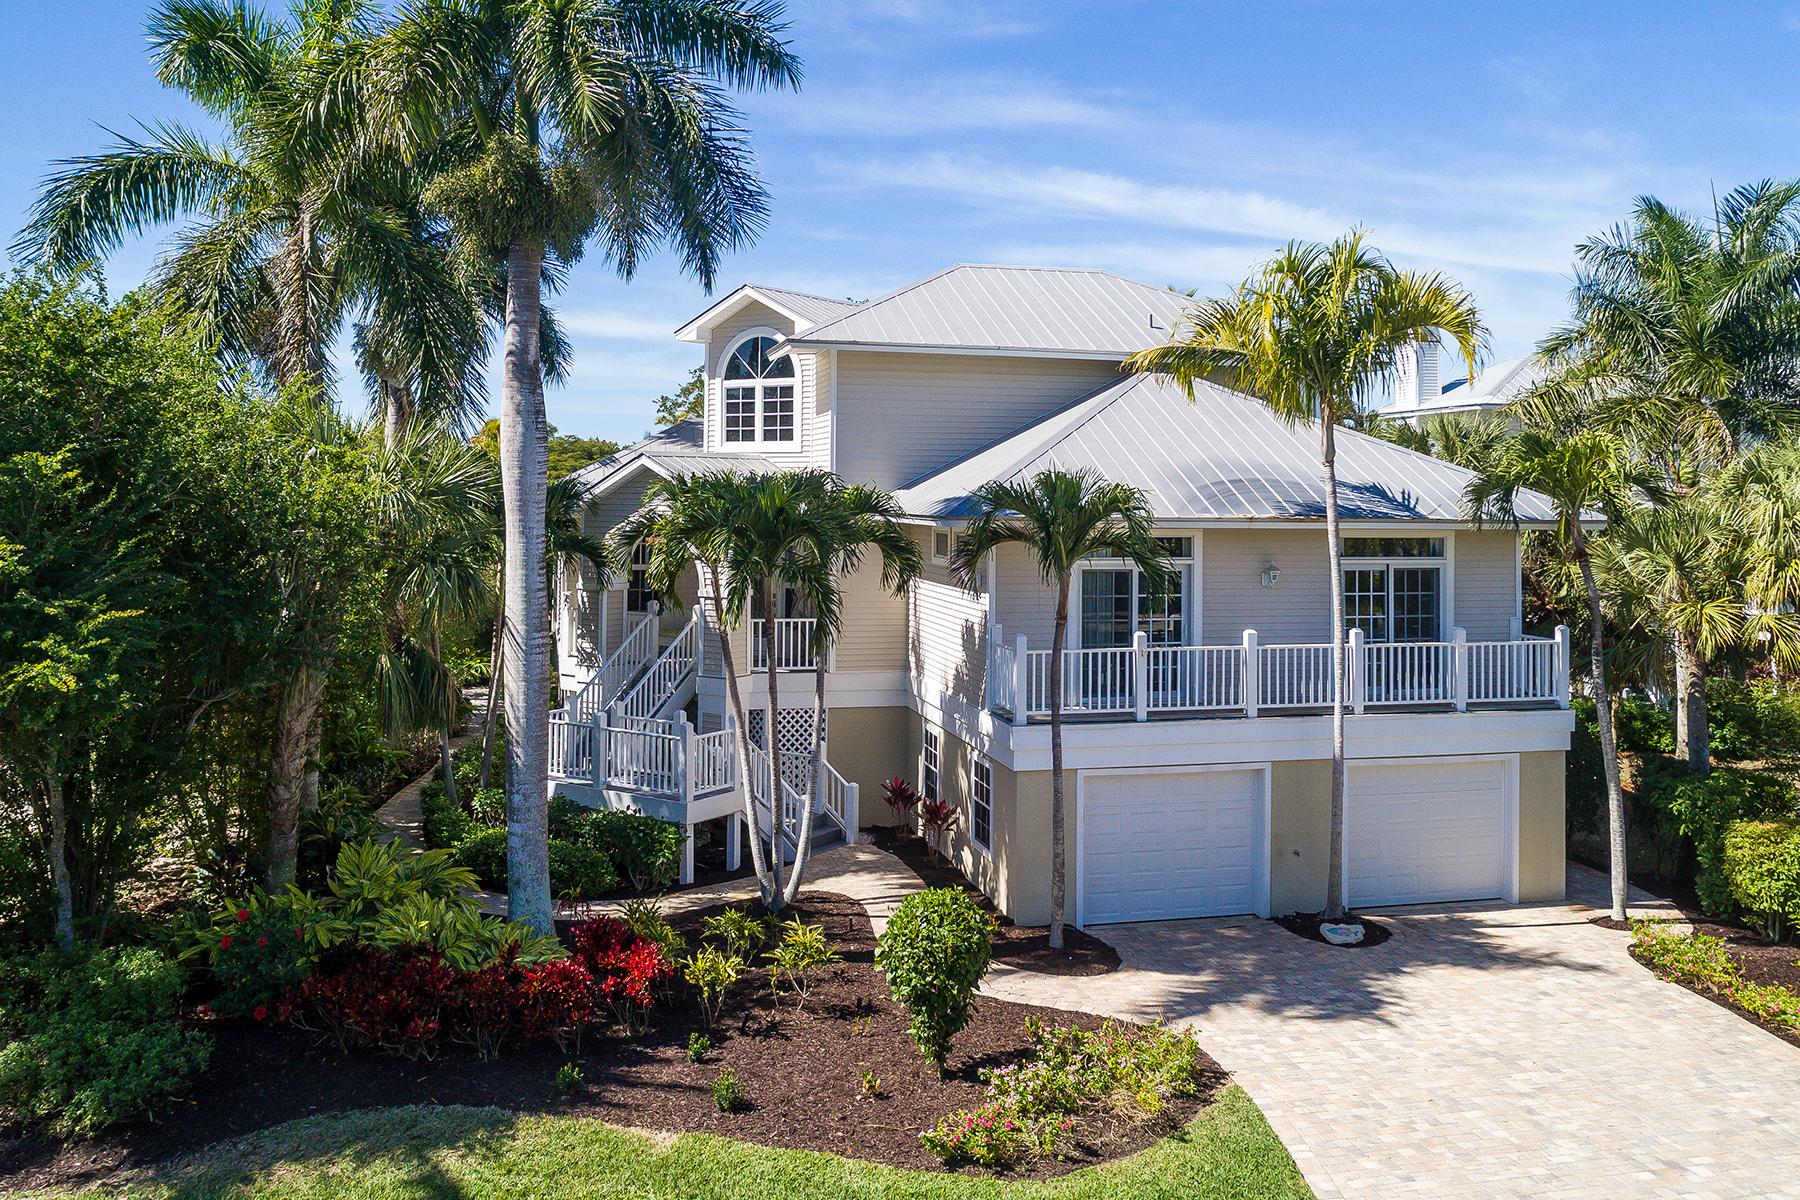 Single Family Homes için Satış at EASTWOOD LANDINGS AMENDED, EASTWOODLANDINGS AMENDED 911 Almas Ct, Sanibel, Florida 33957 Amerika Birleşik Devletleri